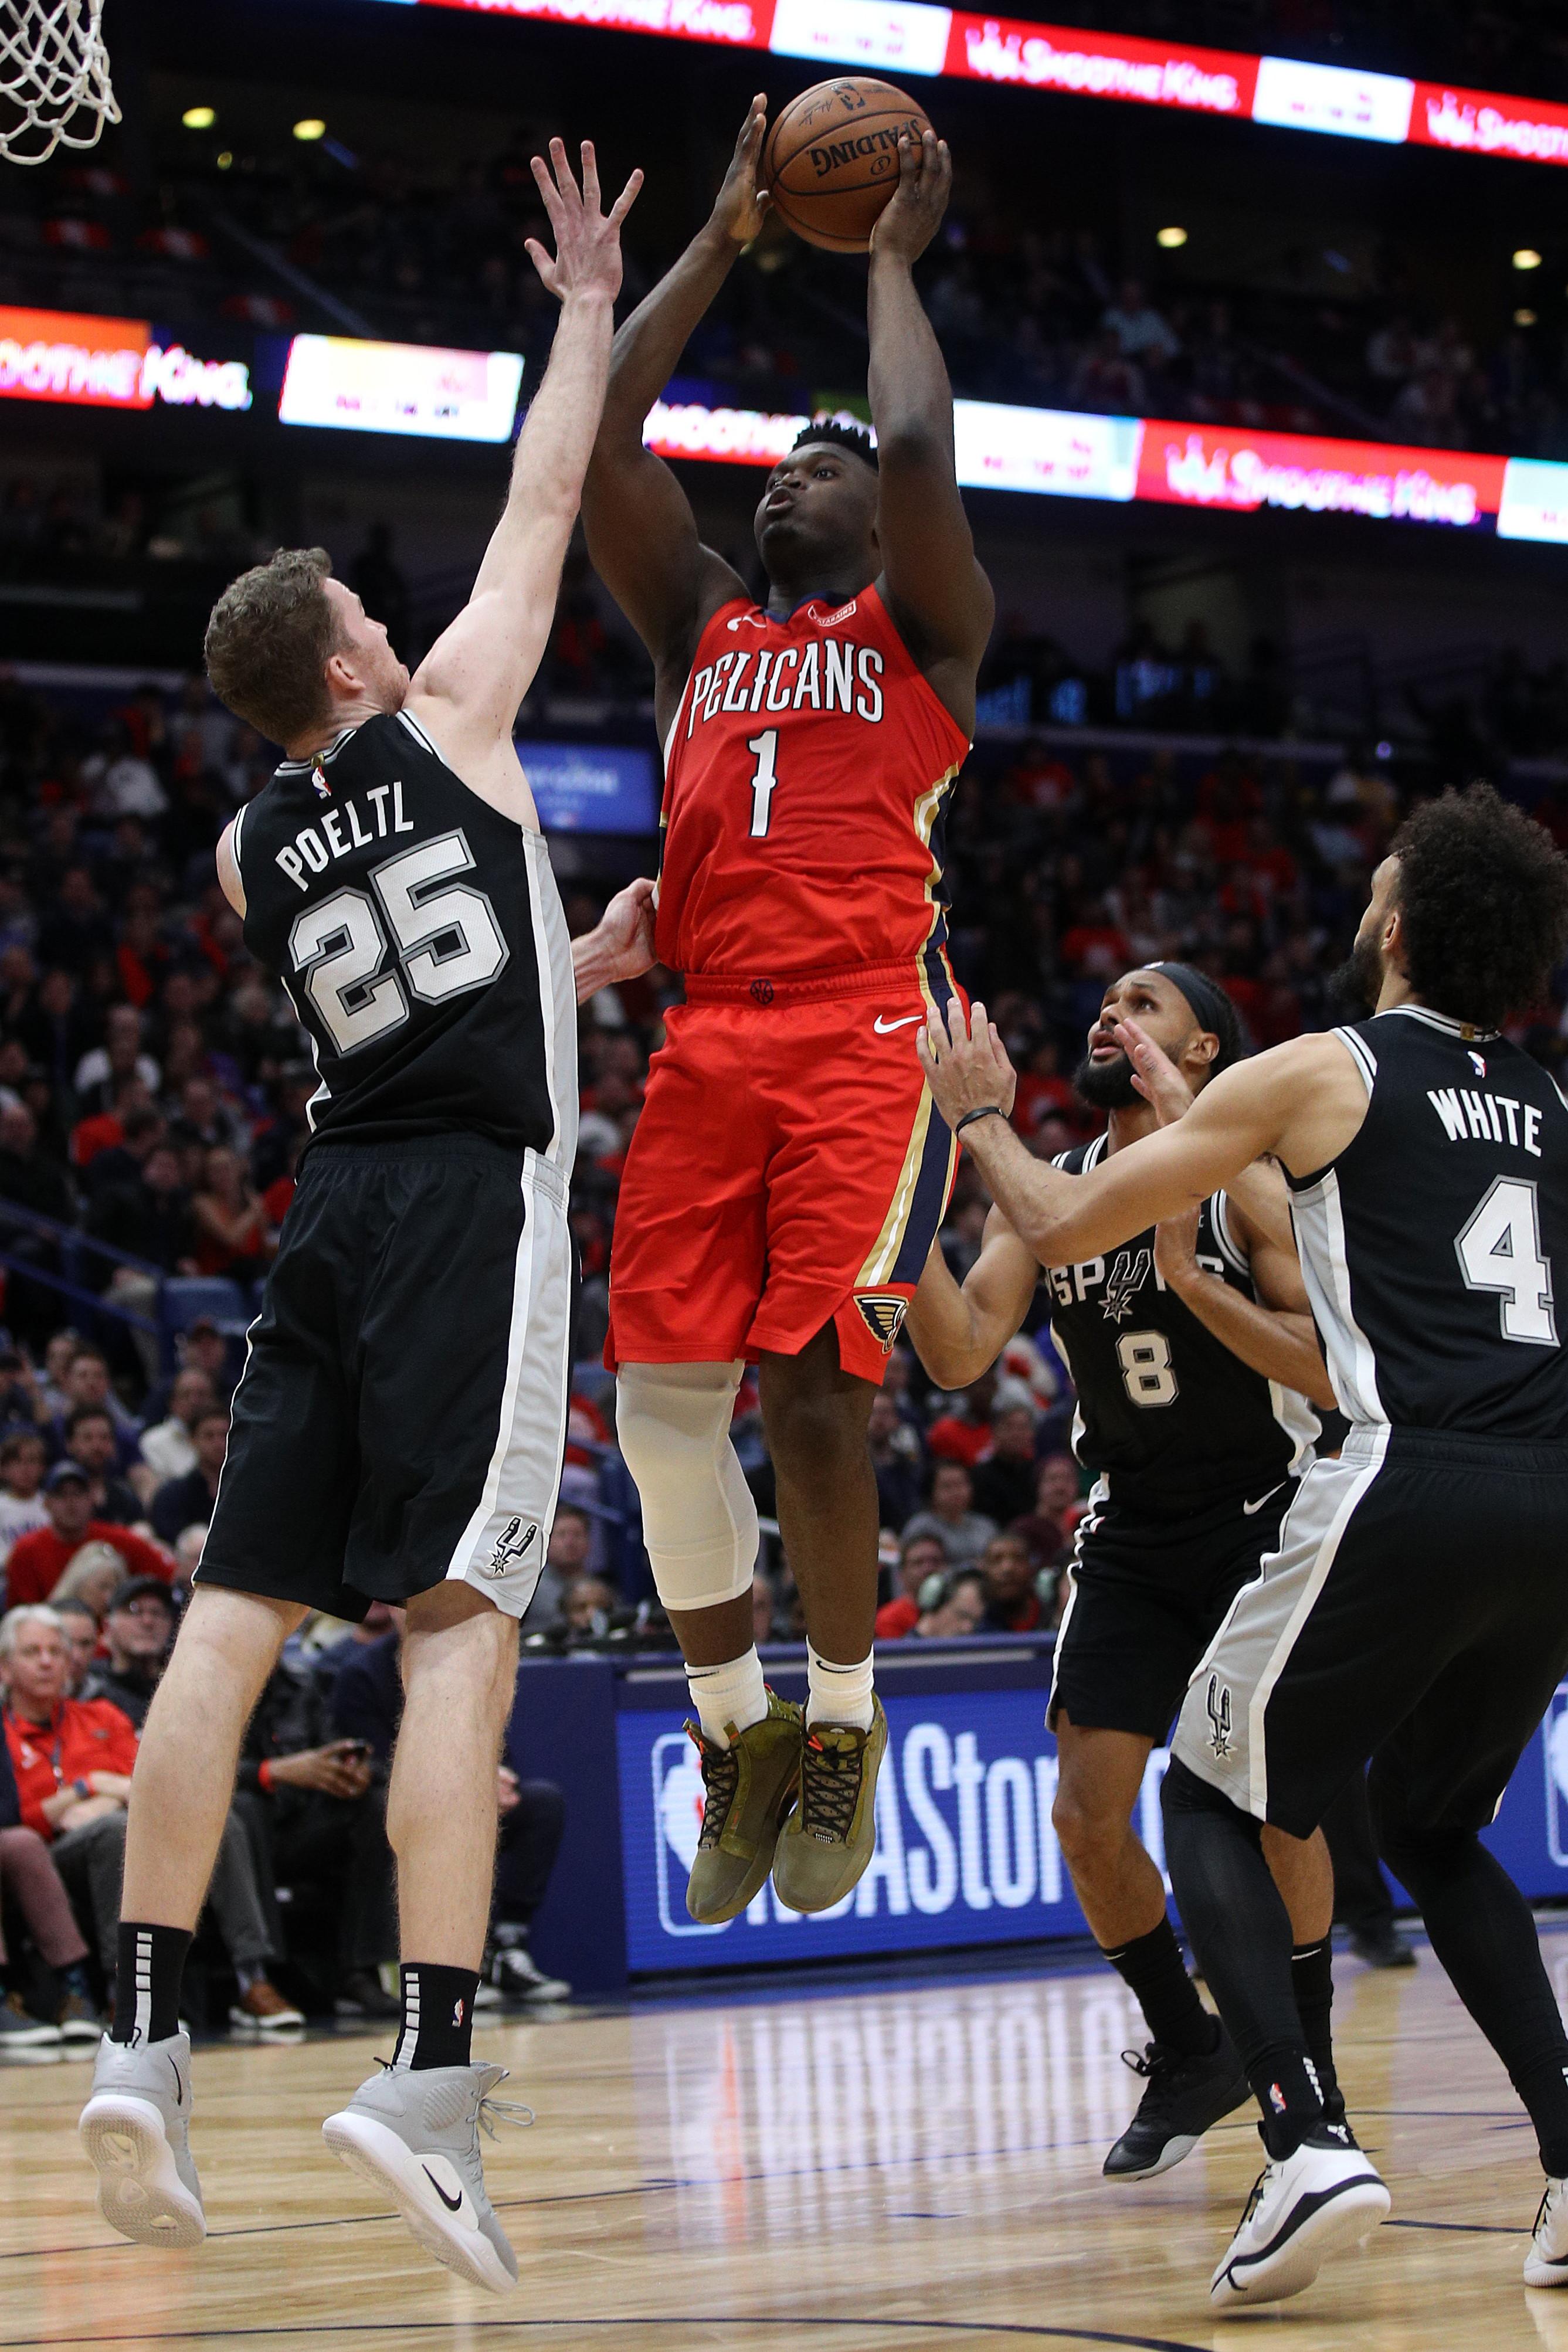 C'era grande attesa per vedere il debutto in Nba con i New Orleands Pelicans di Zion Williamson, prima scelta al Draft 2019. Il 19ennenon ha...